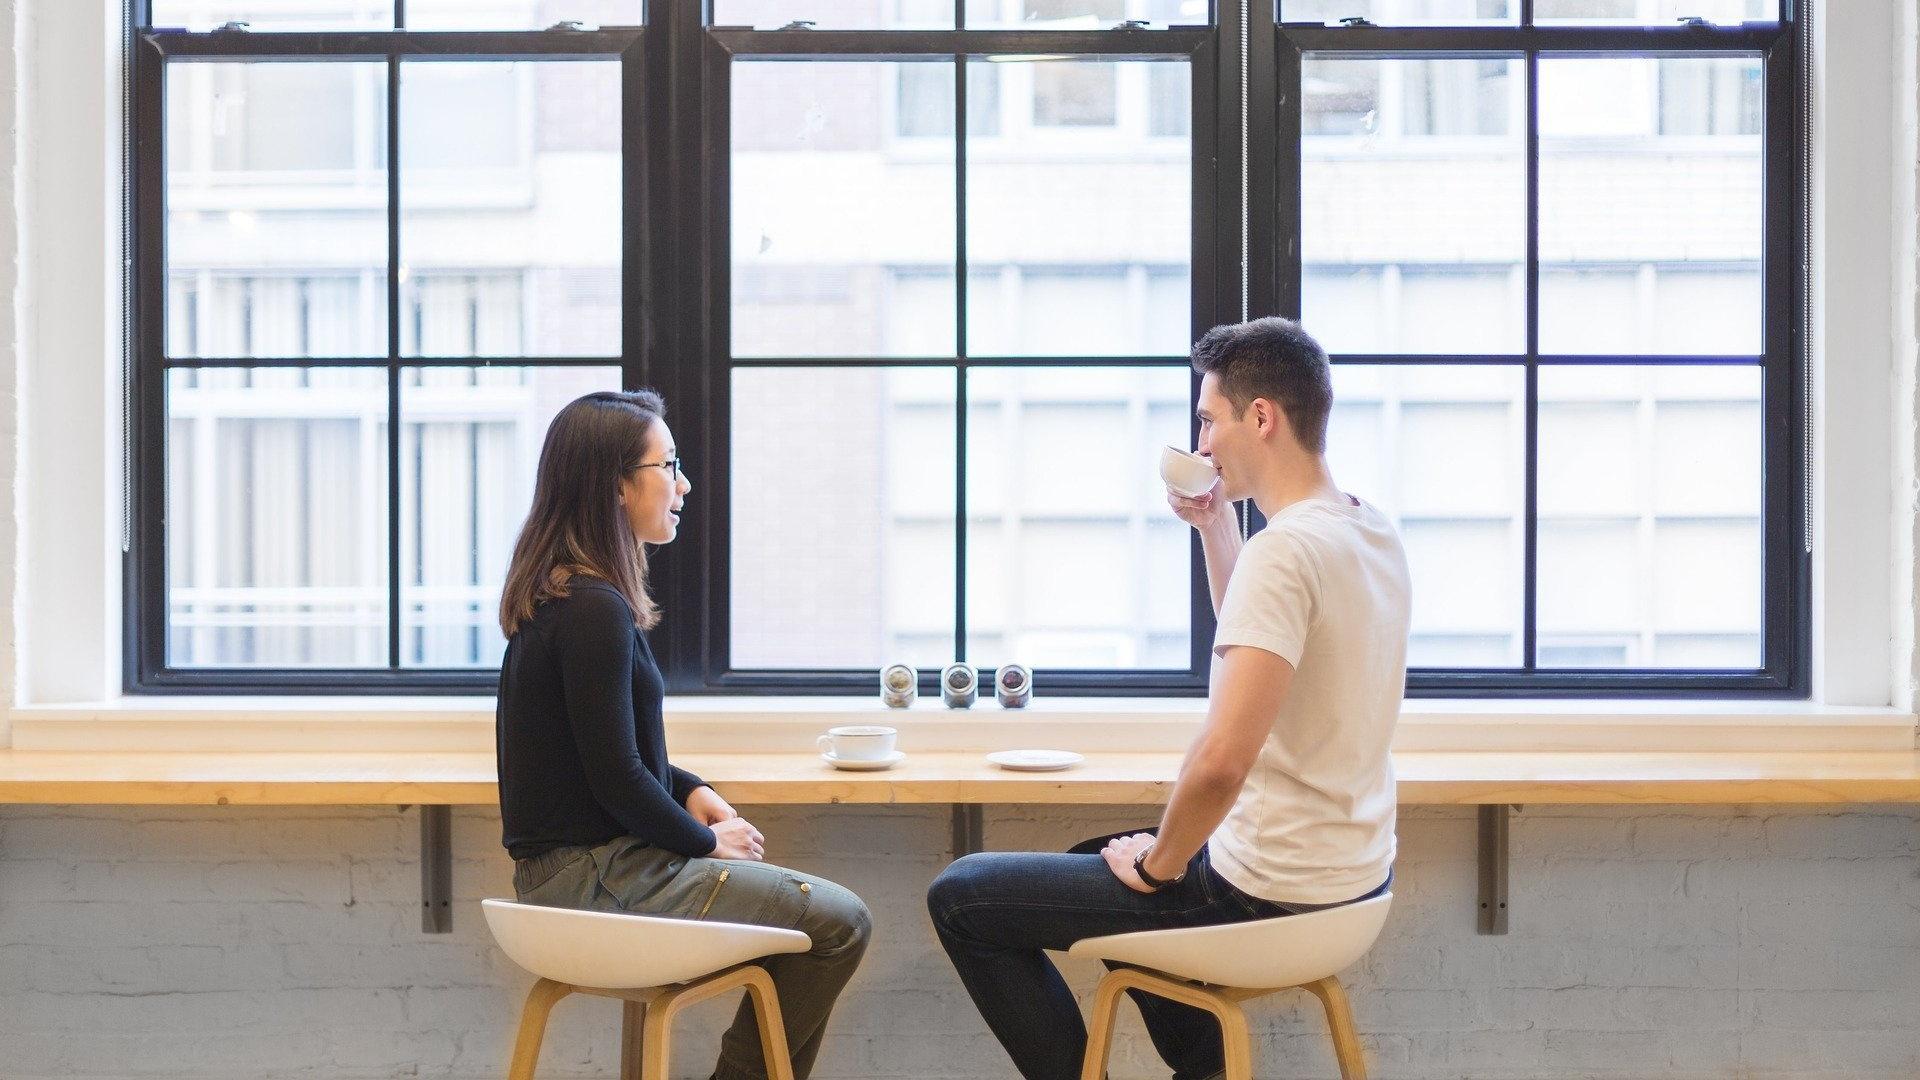 Besser kommunizieren: Die besten Tipps und Tricks